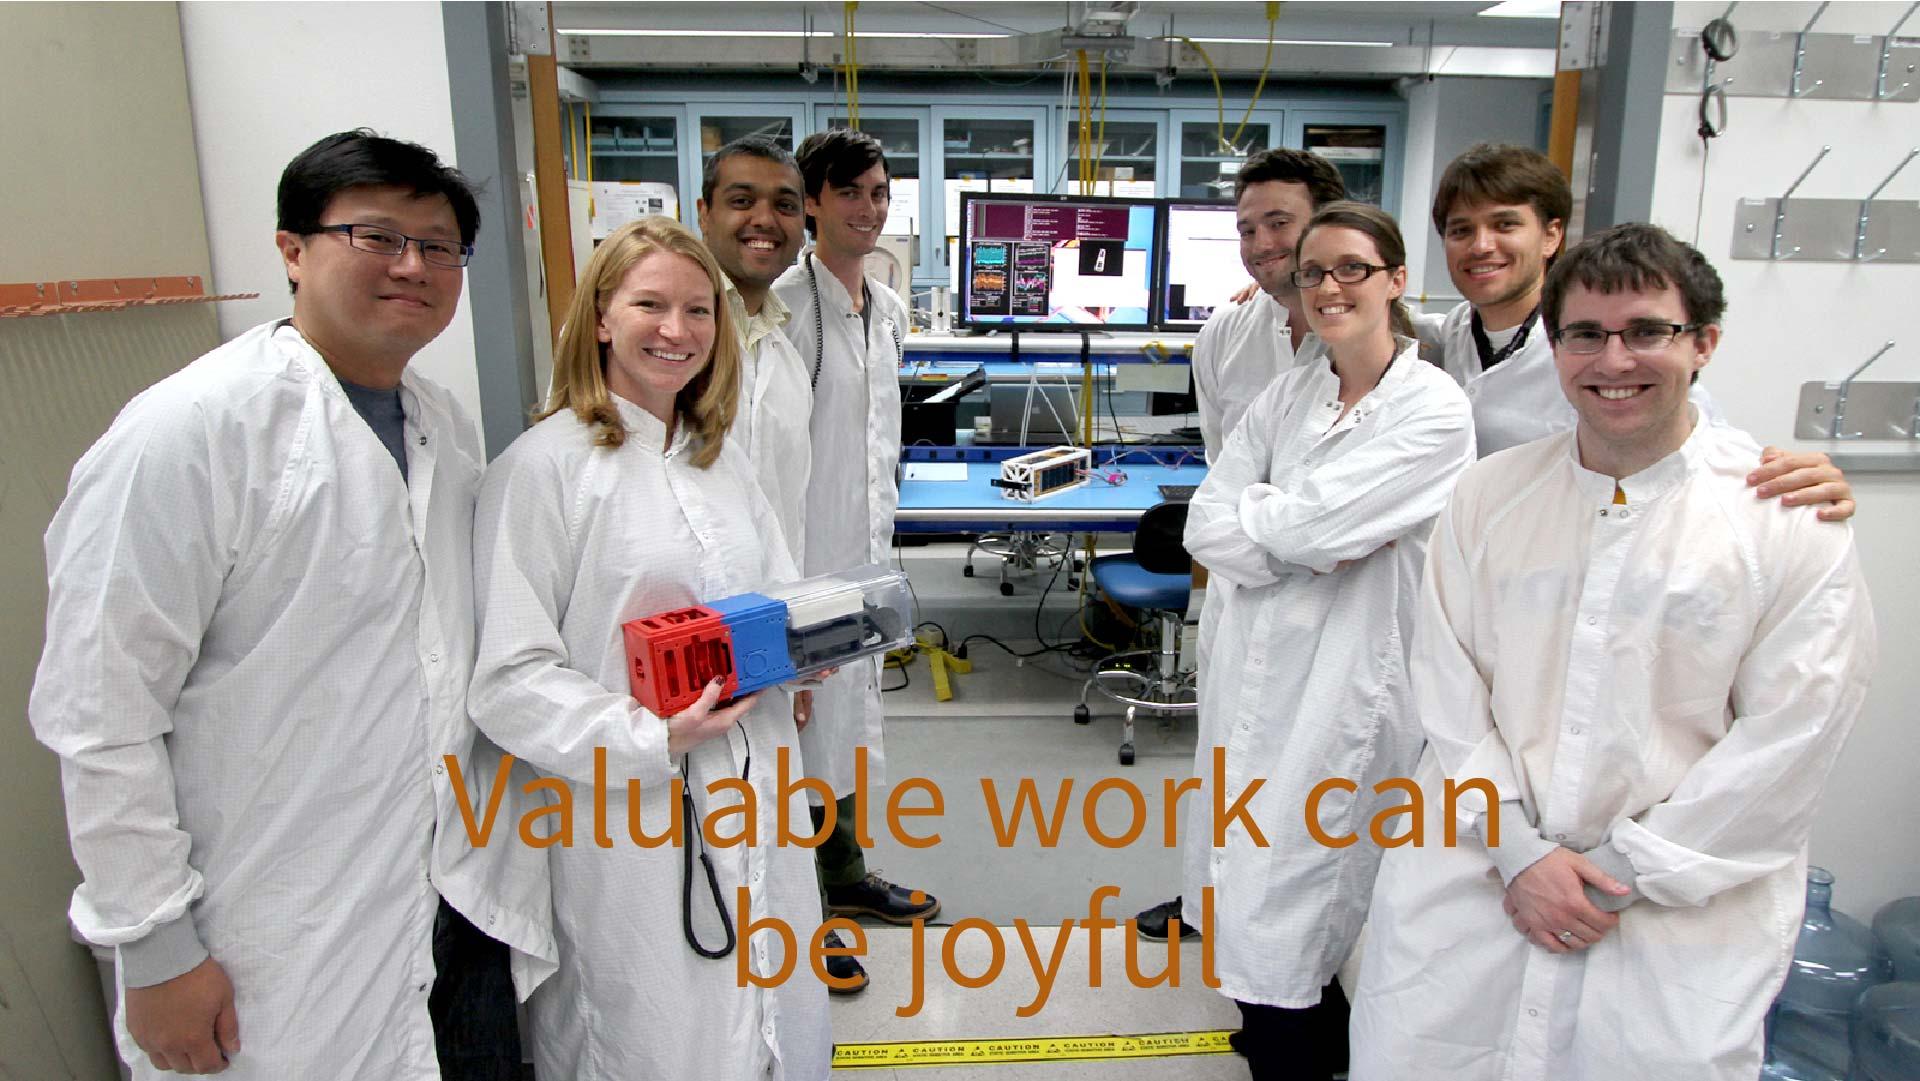 19 Valuable work can be joyful